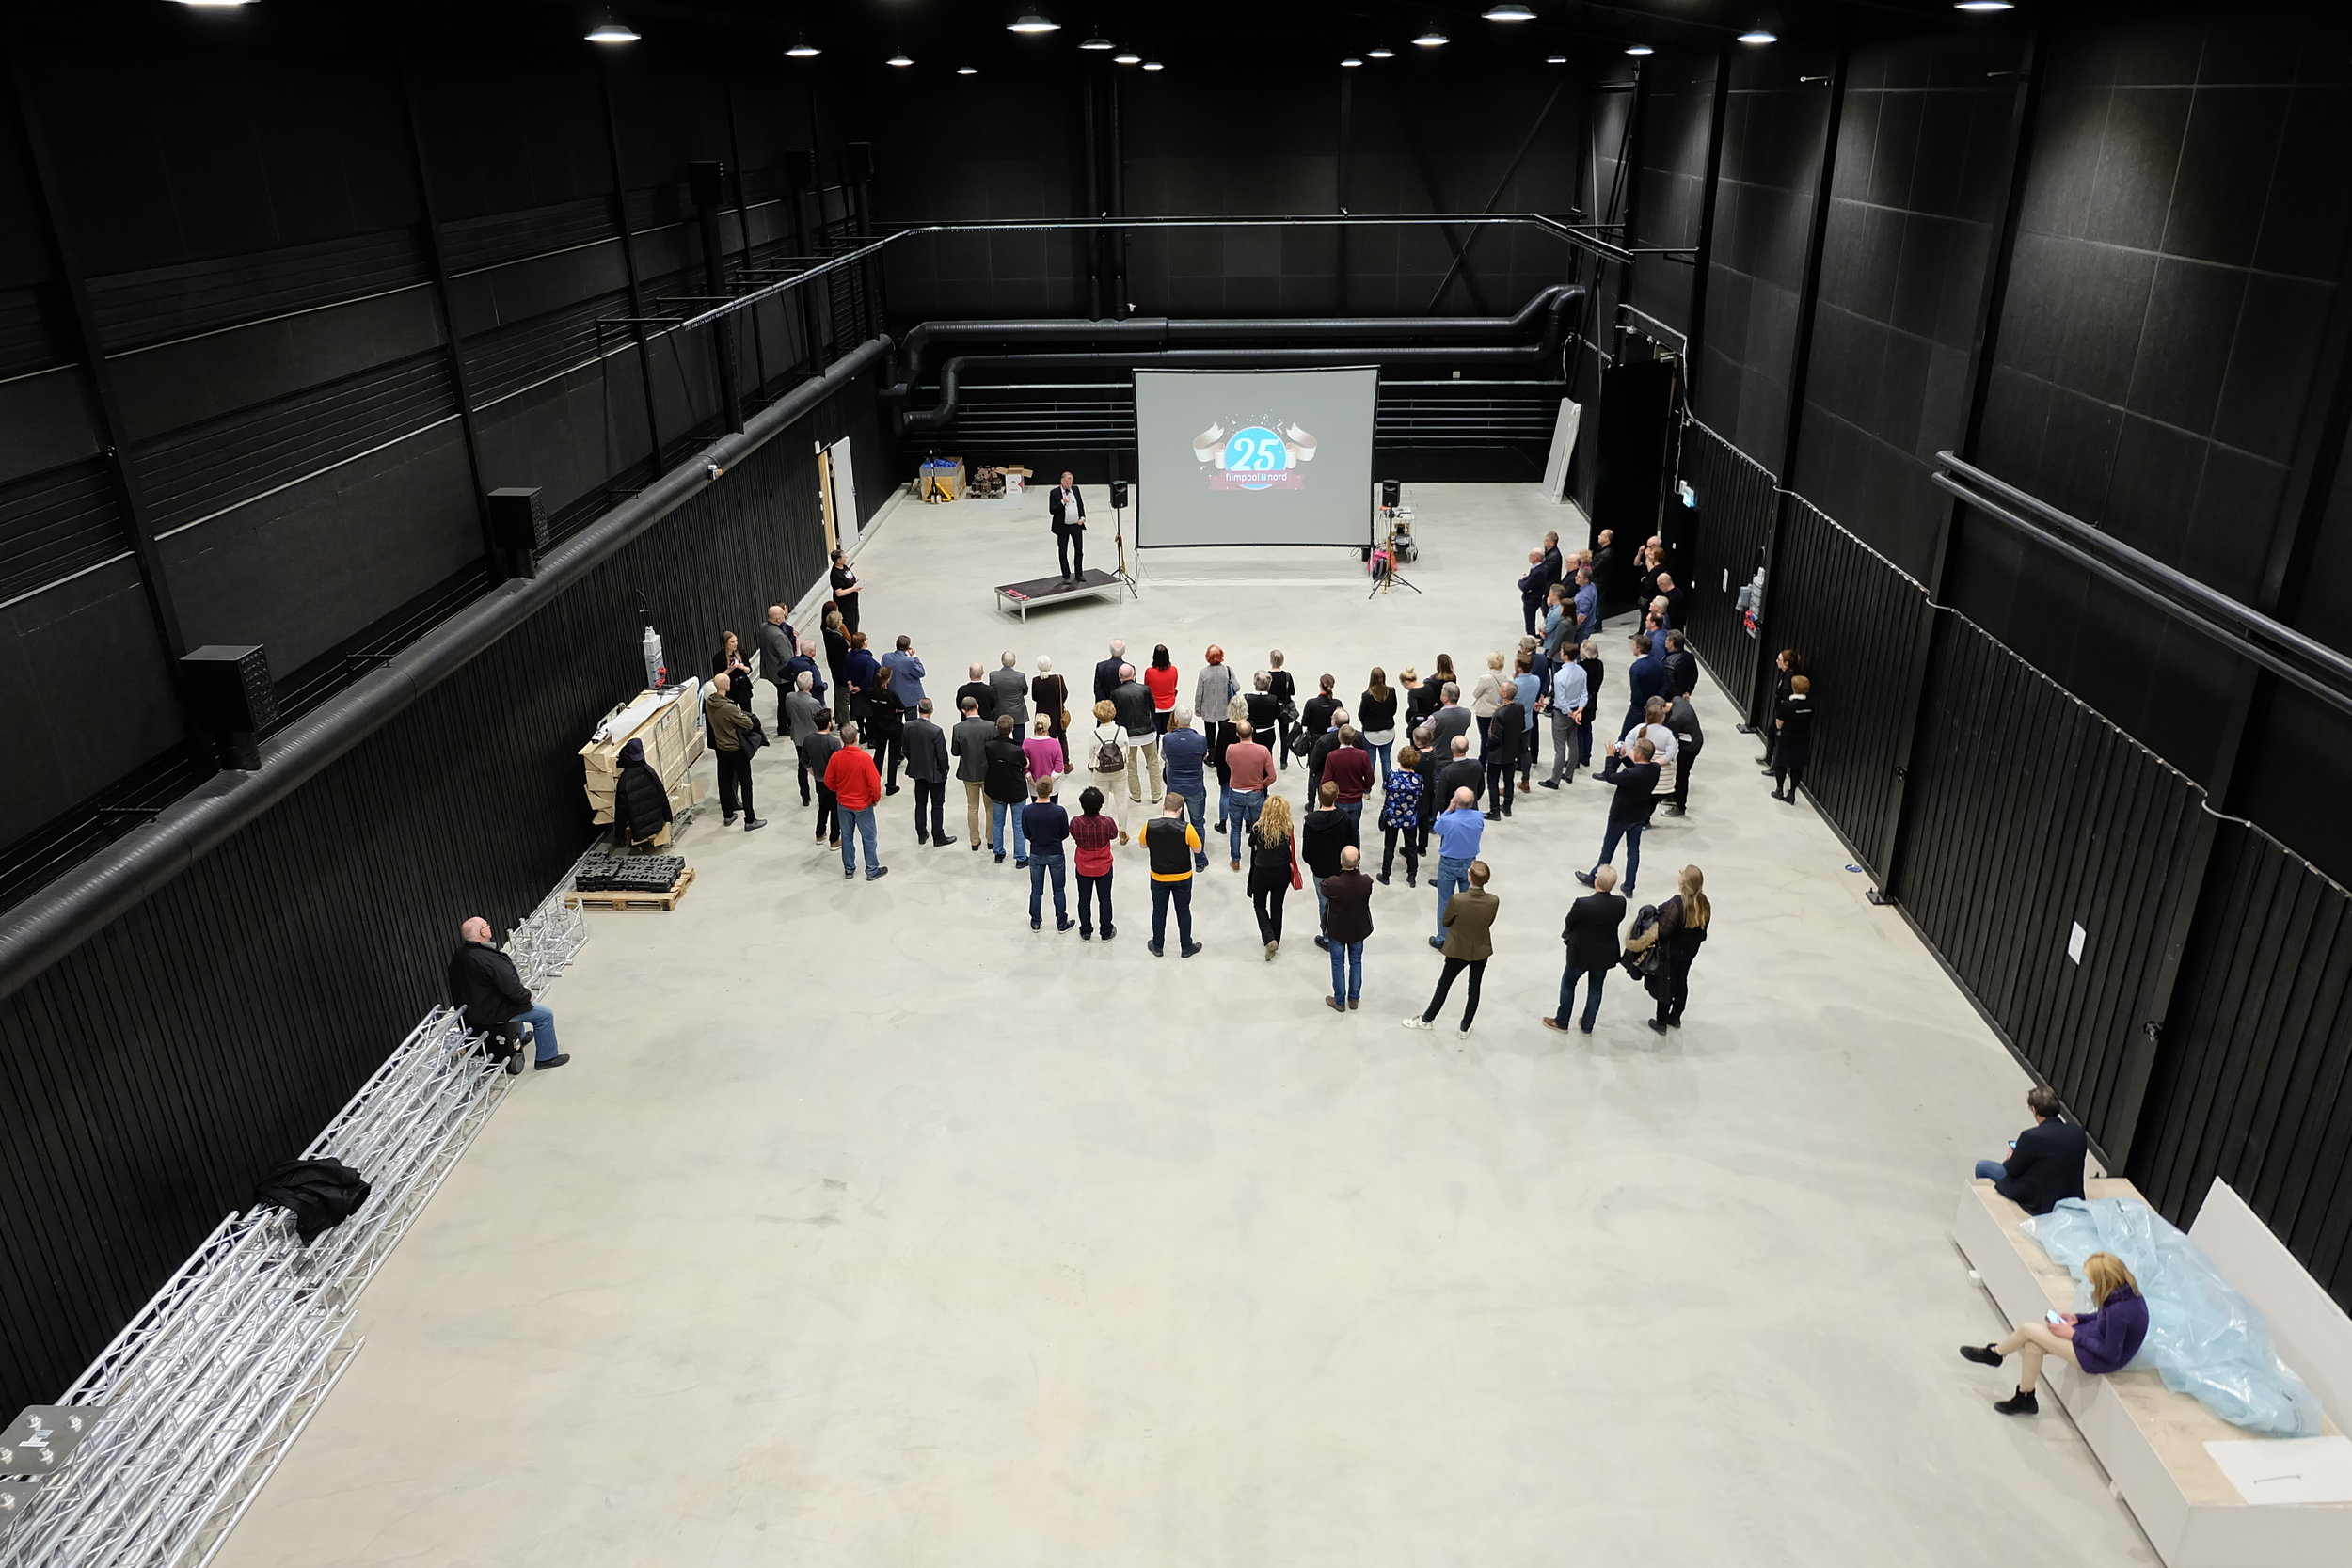 529 kvadratmeter golvyta finns i studion, med åtskilliga biutrymmen däromkring.